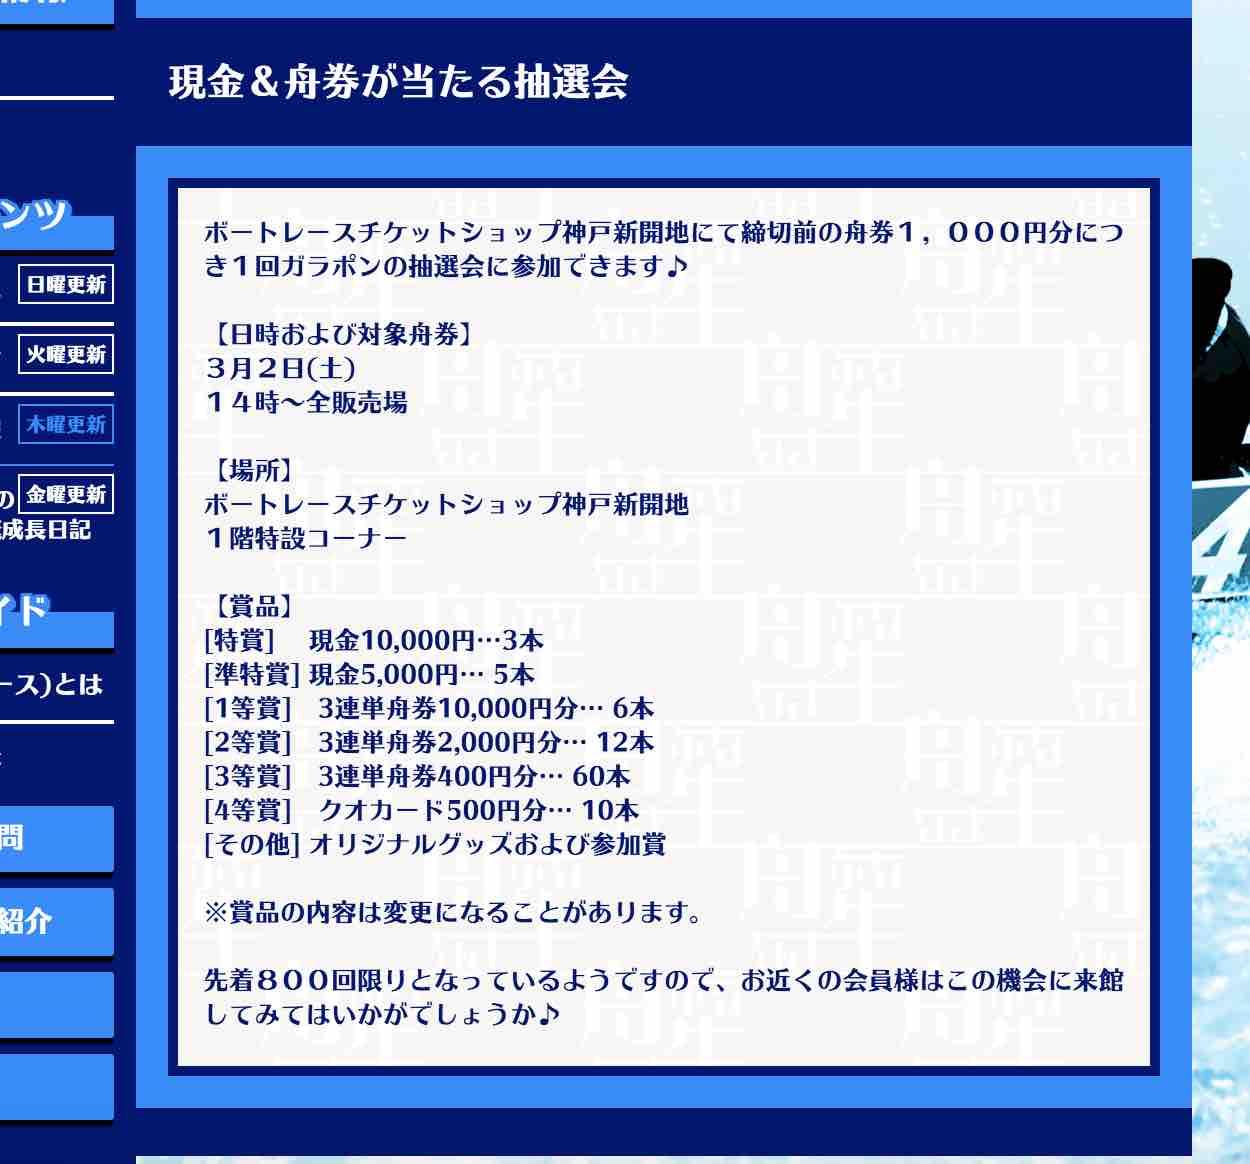 舟生という競艇予想サイト(ボートレース予想サイト)のマル得情報